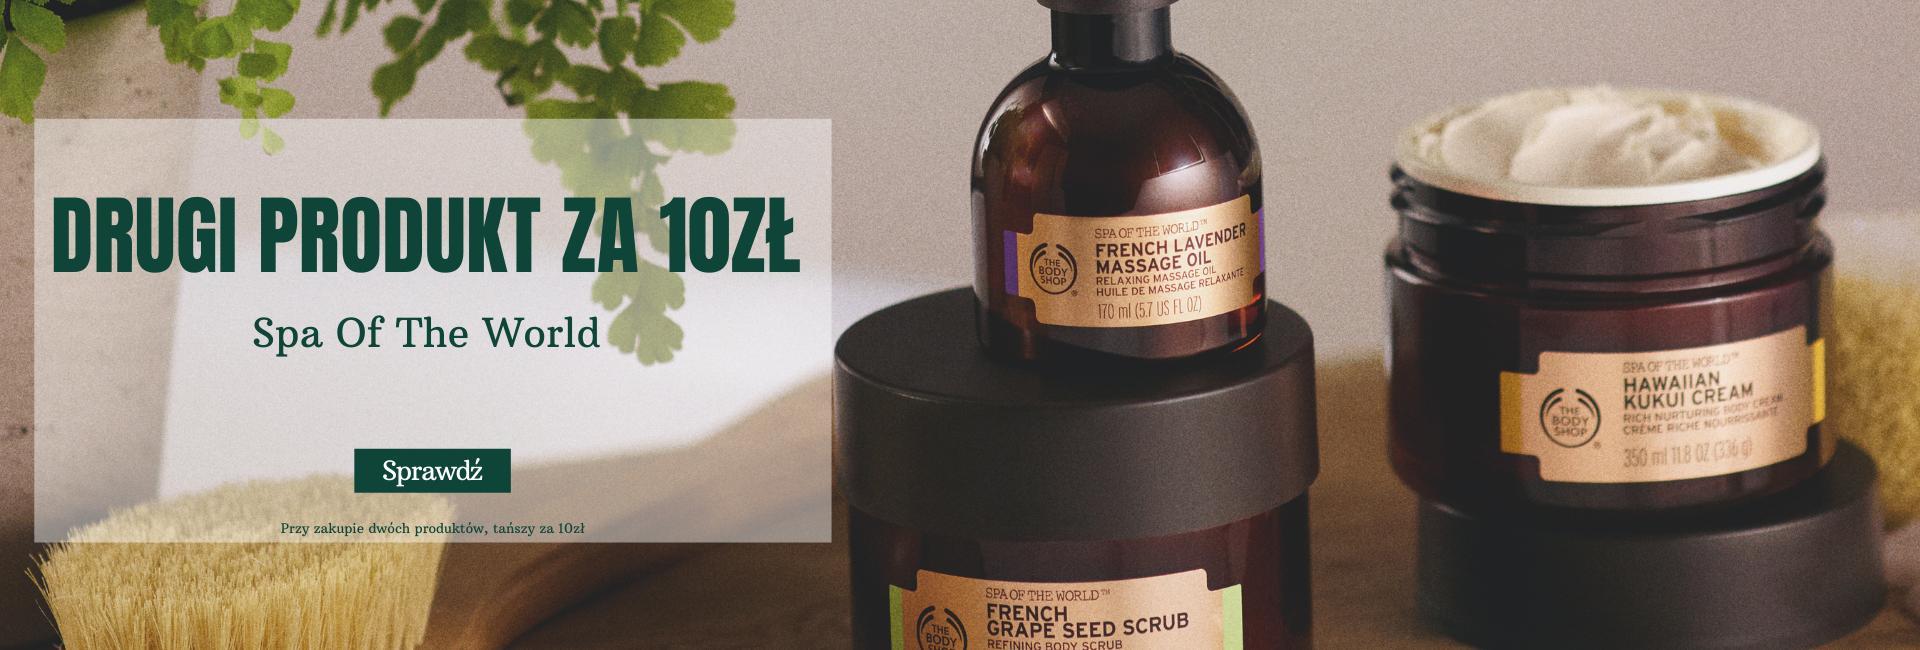 The Body Shop The Body Shop: drugi produkt Spa of The World za 10 zł